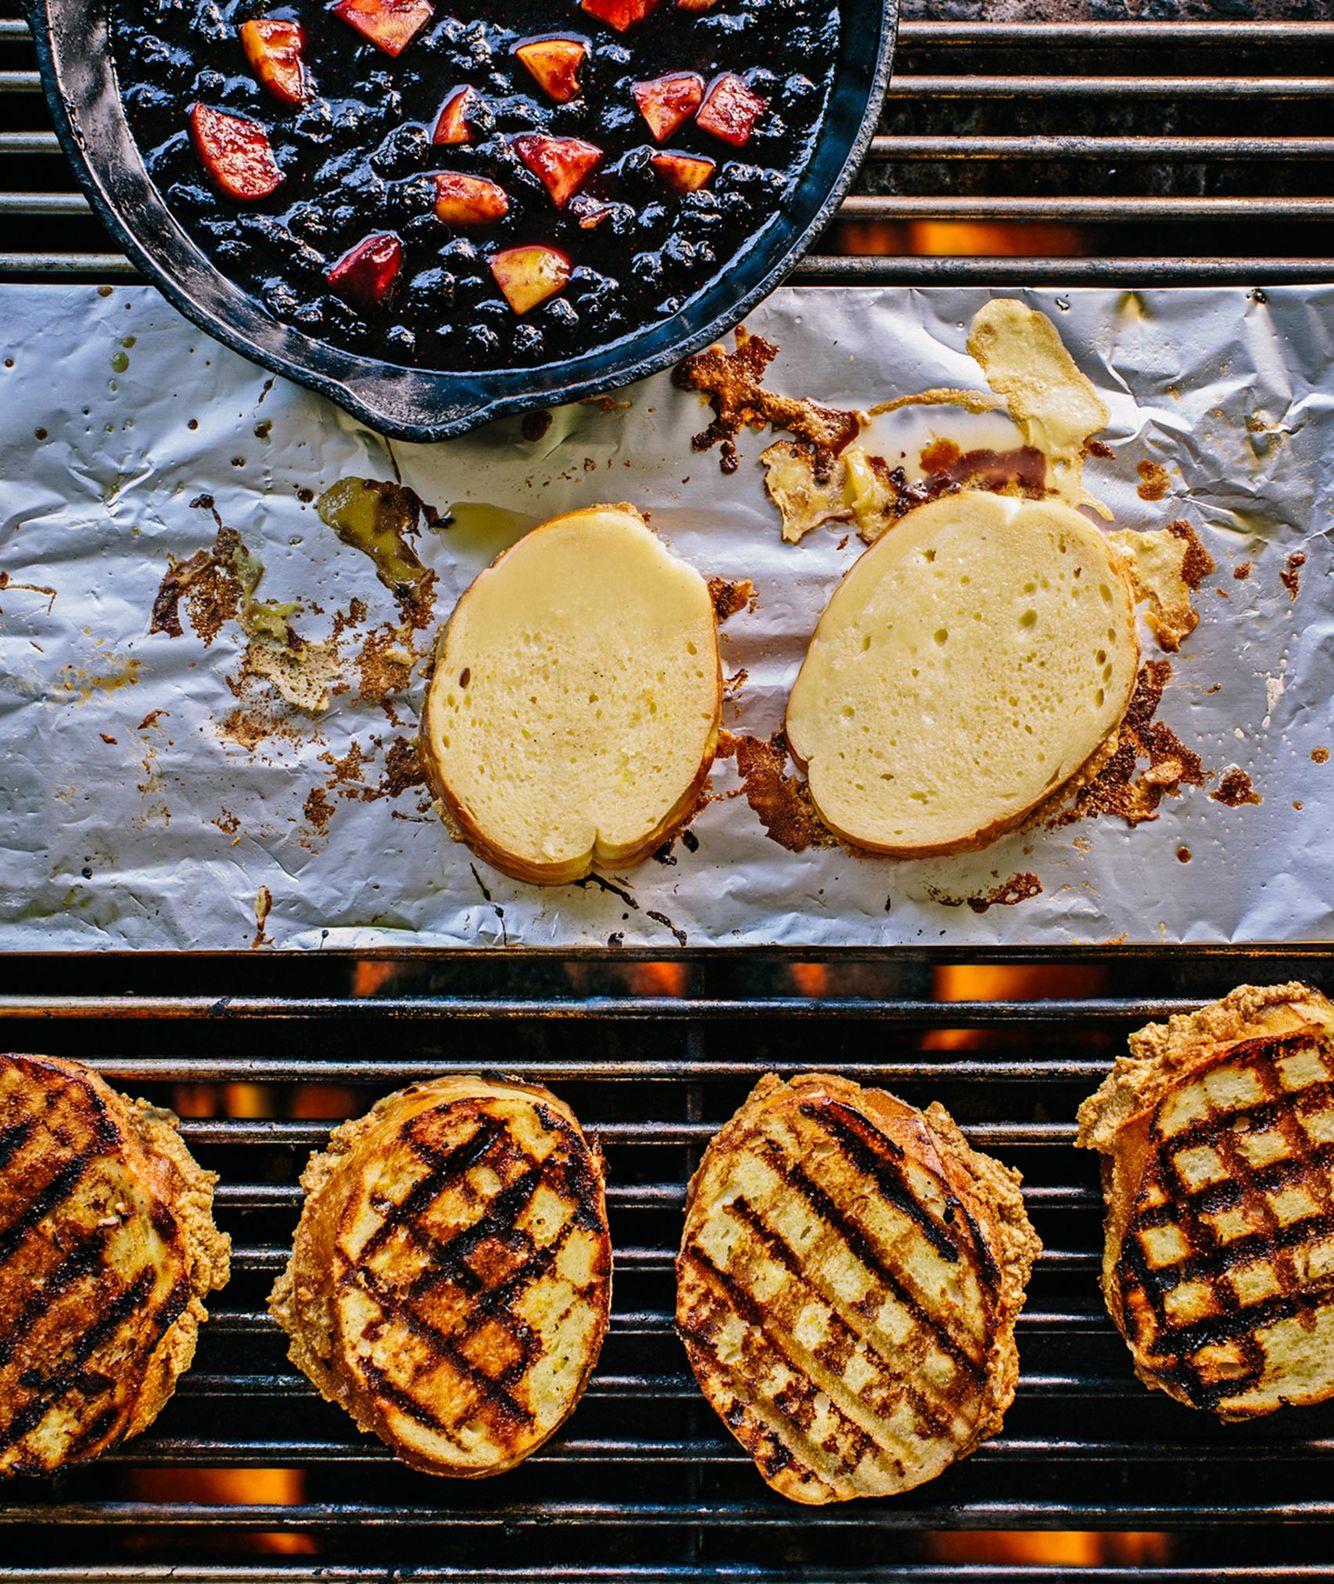 GrilledPumpkinstuffedFrenchToast8019.jpg